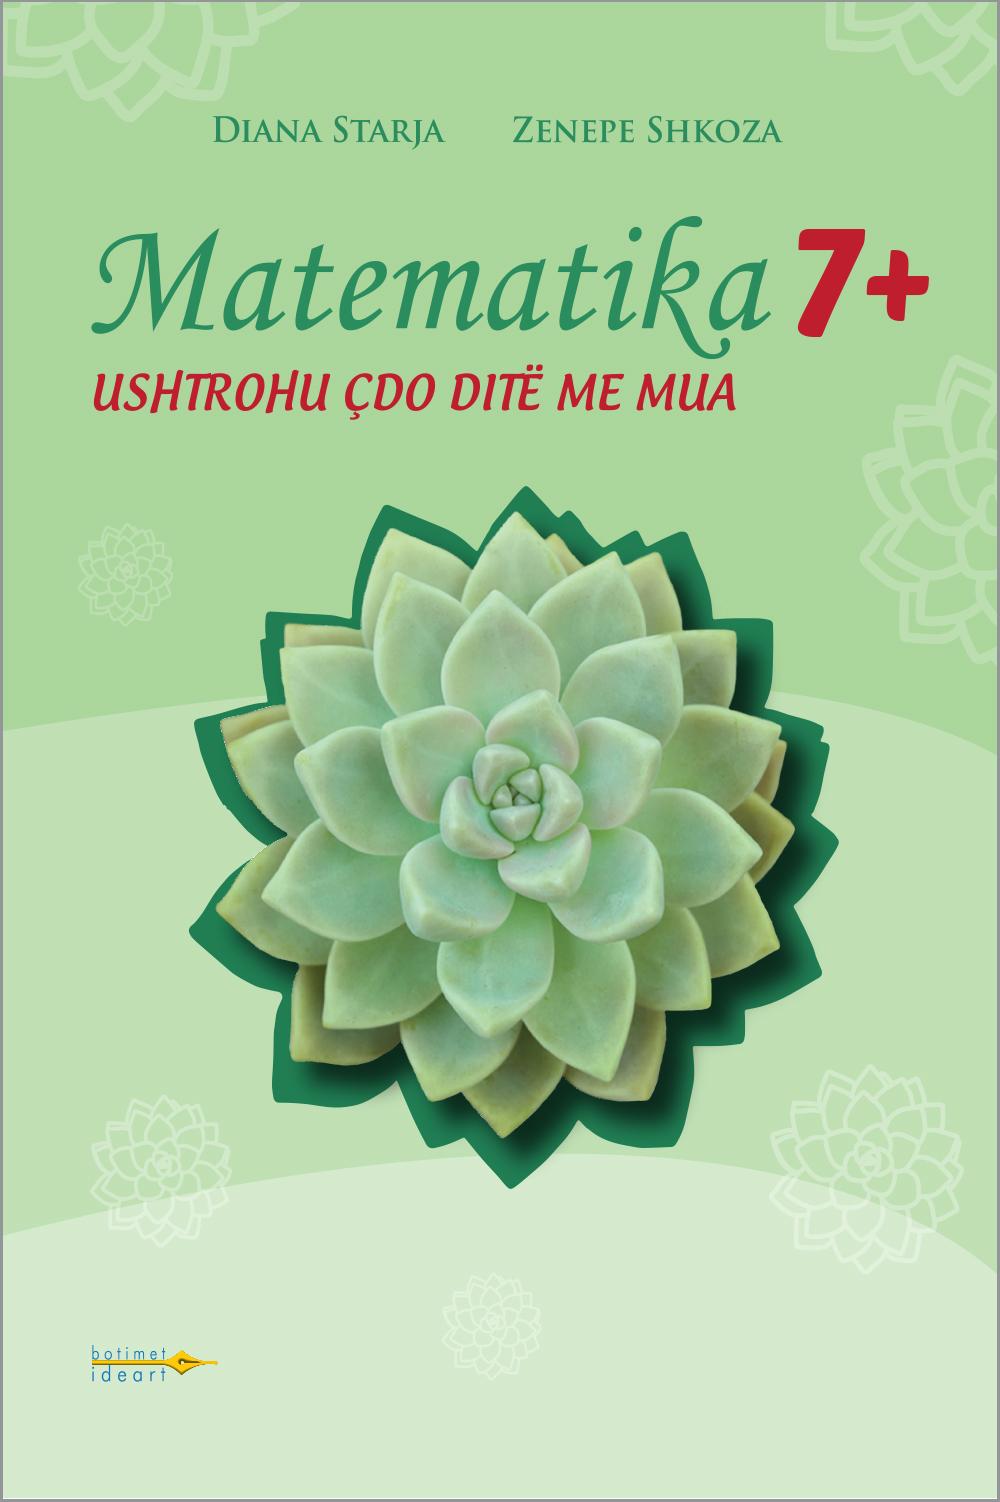 Fletore Pune<br>Matematika 7+